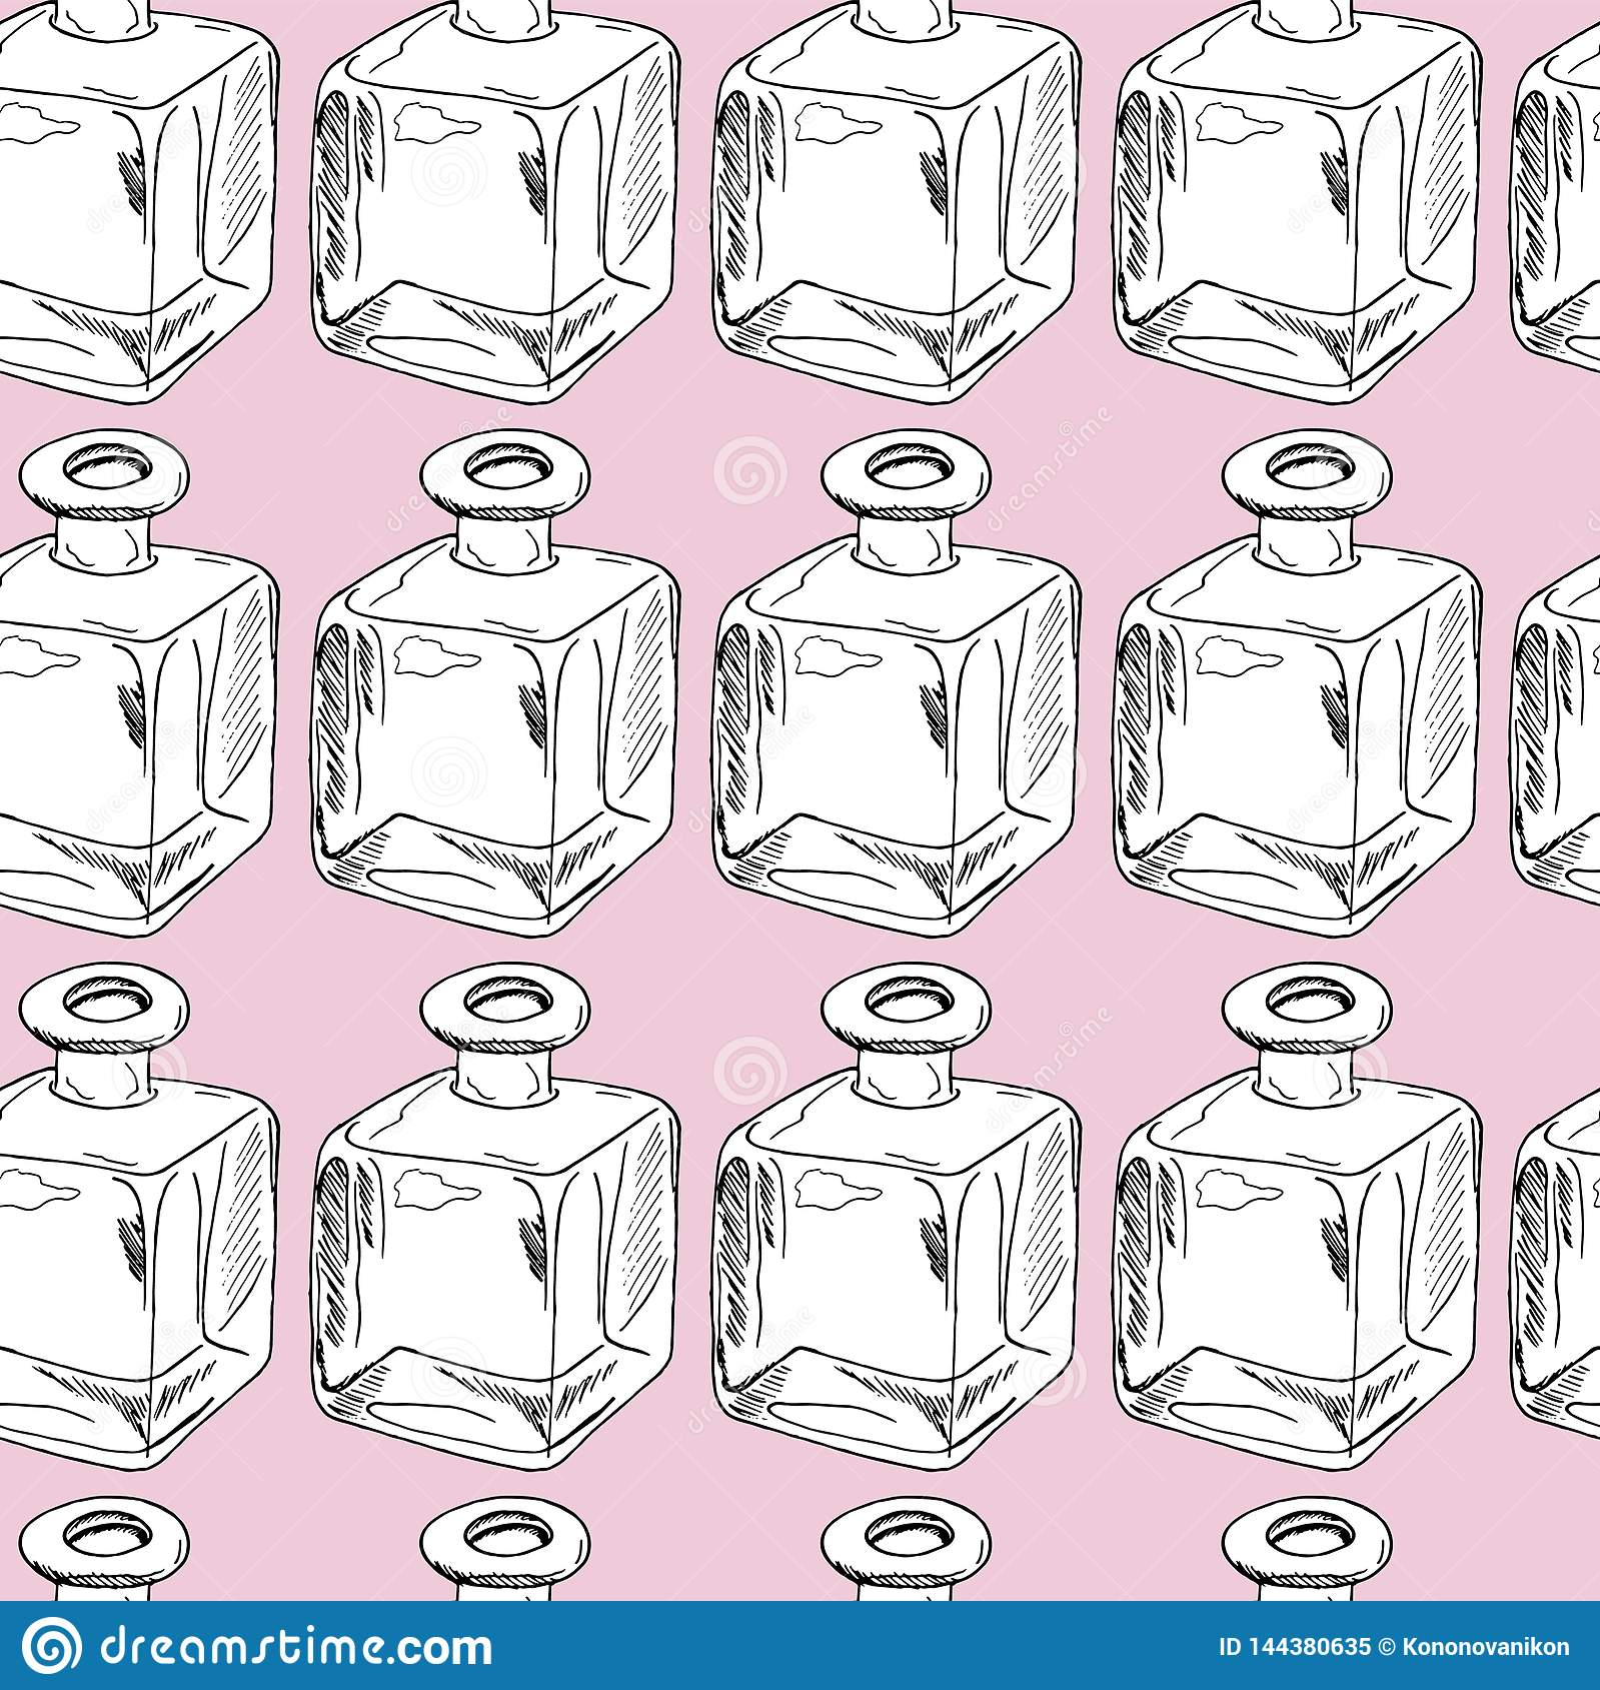 Seamless modell för handdraw för dof-fokus för flaskor grunt centralt exponeringsglas också vektor för coreldrawillustration